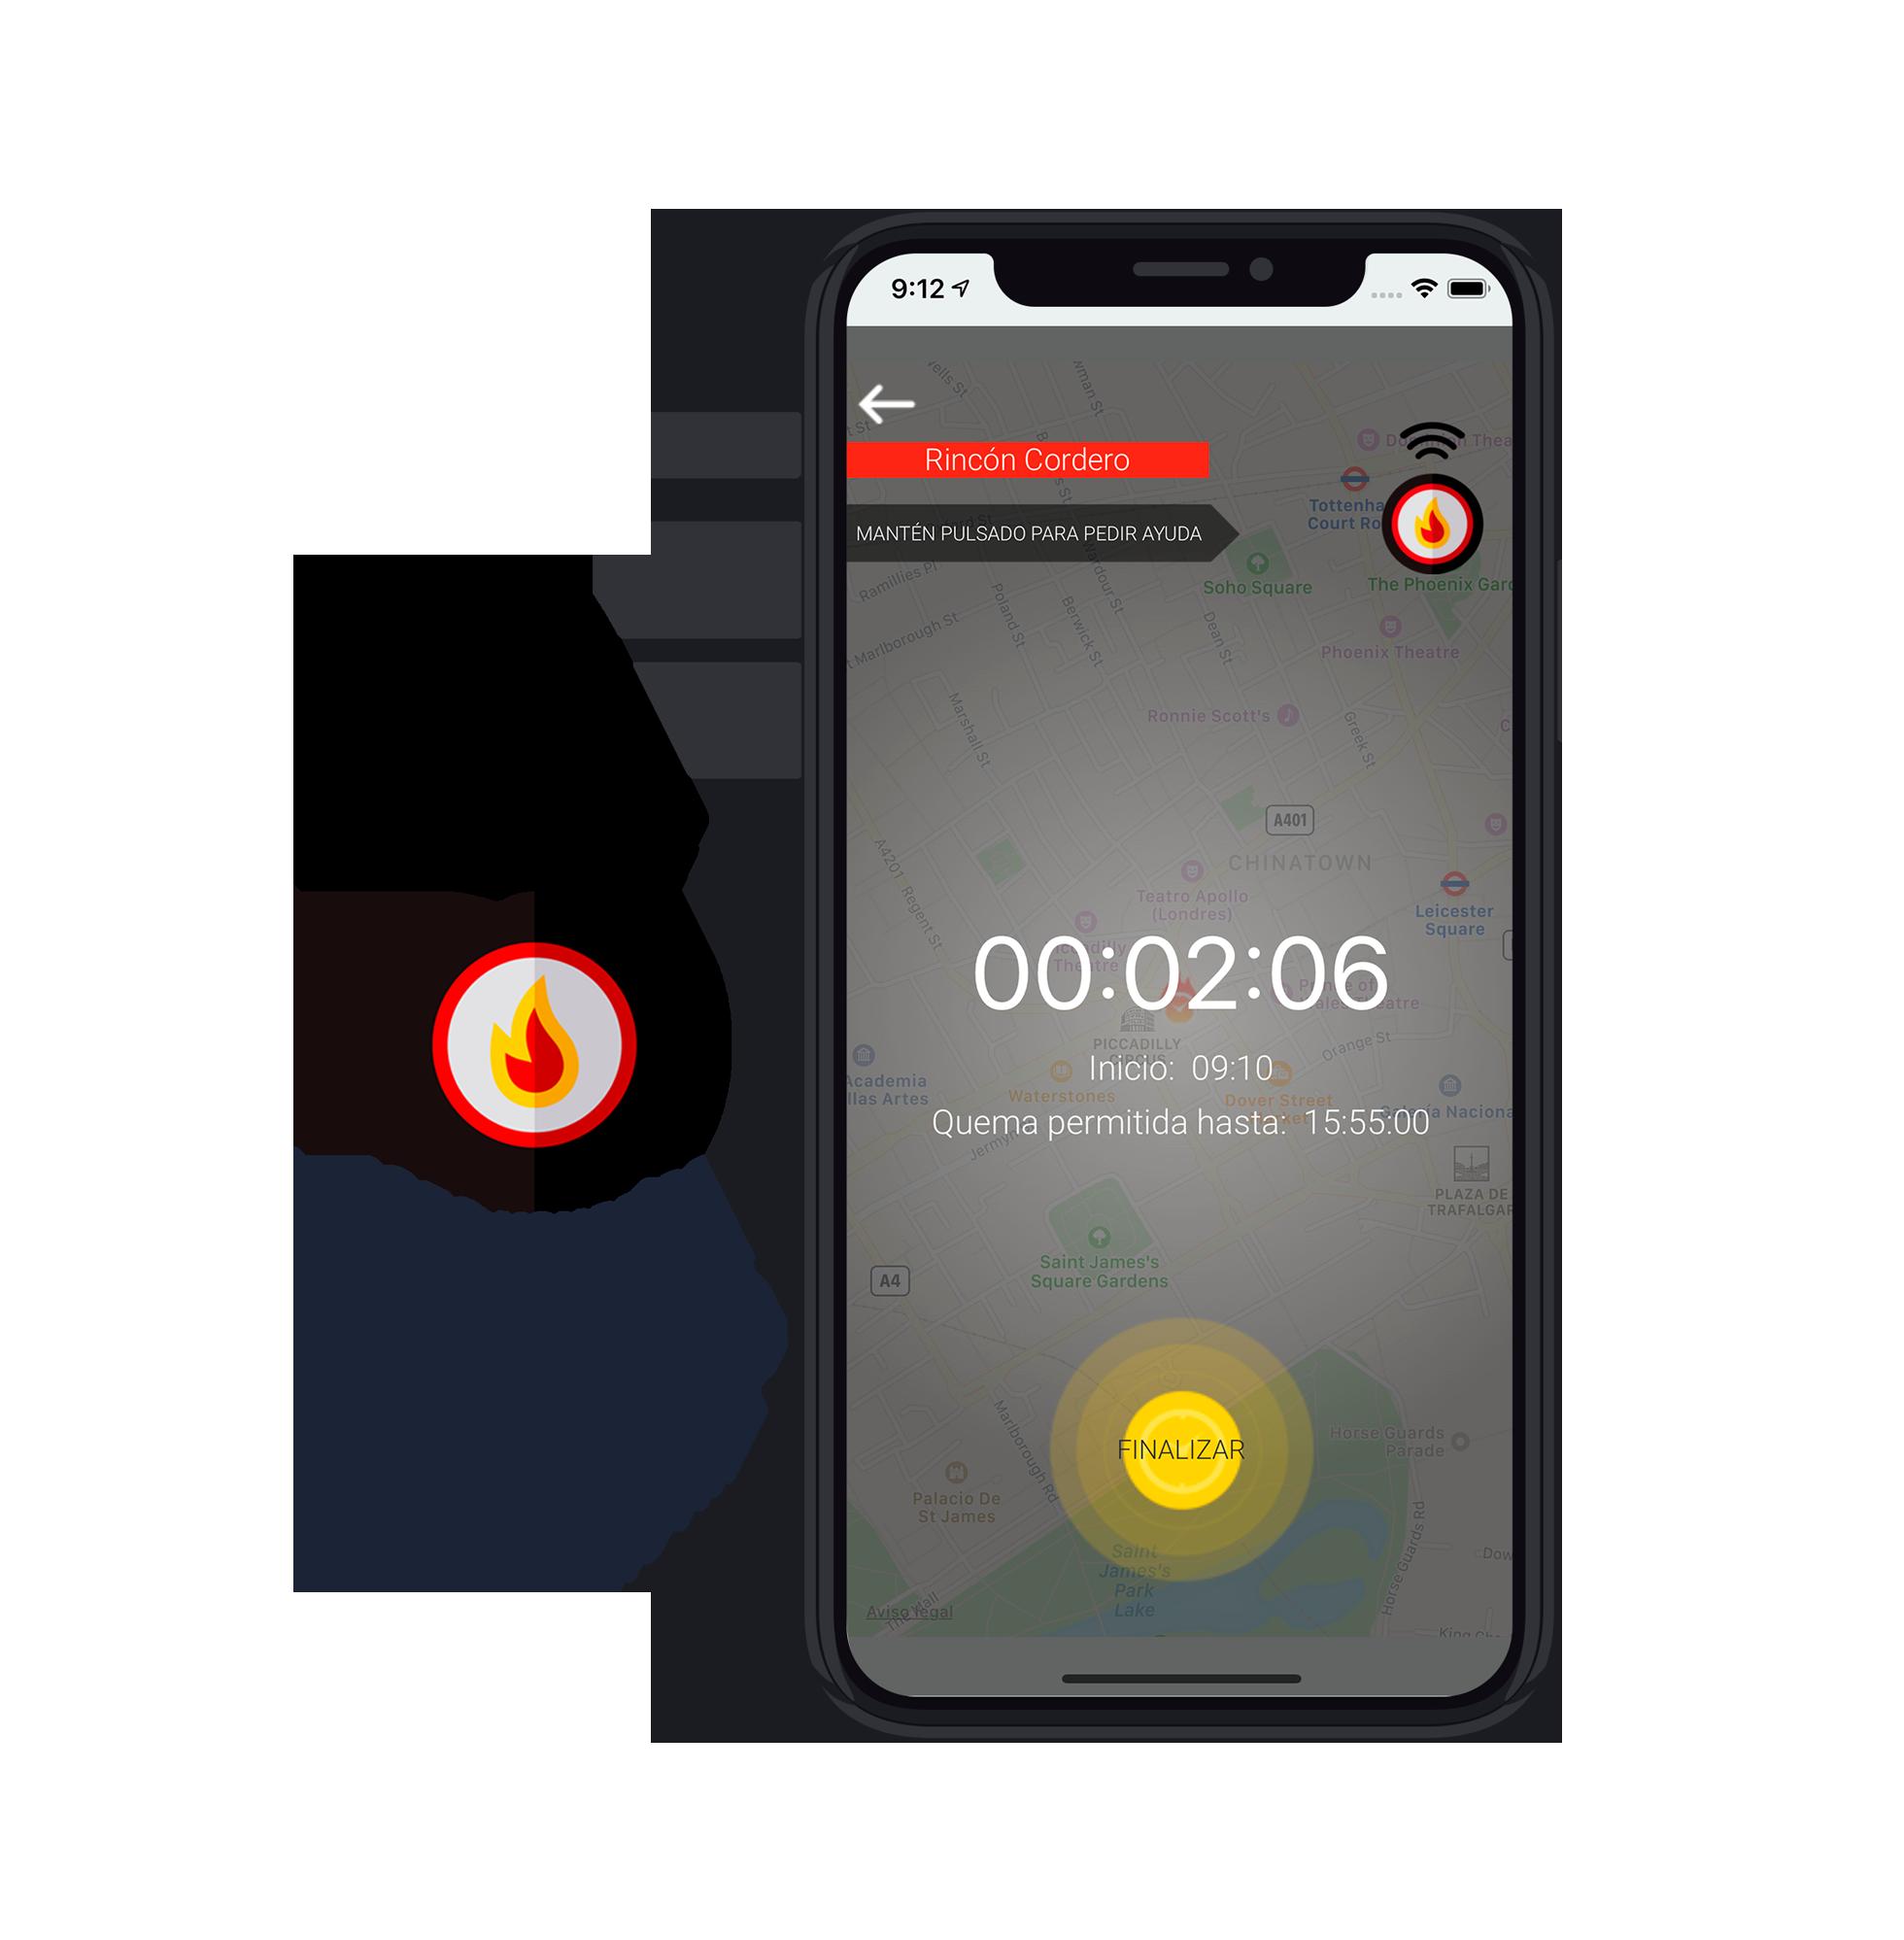 estadísticas prevención de incendios controlfoc uso de la app